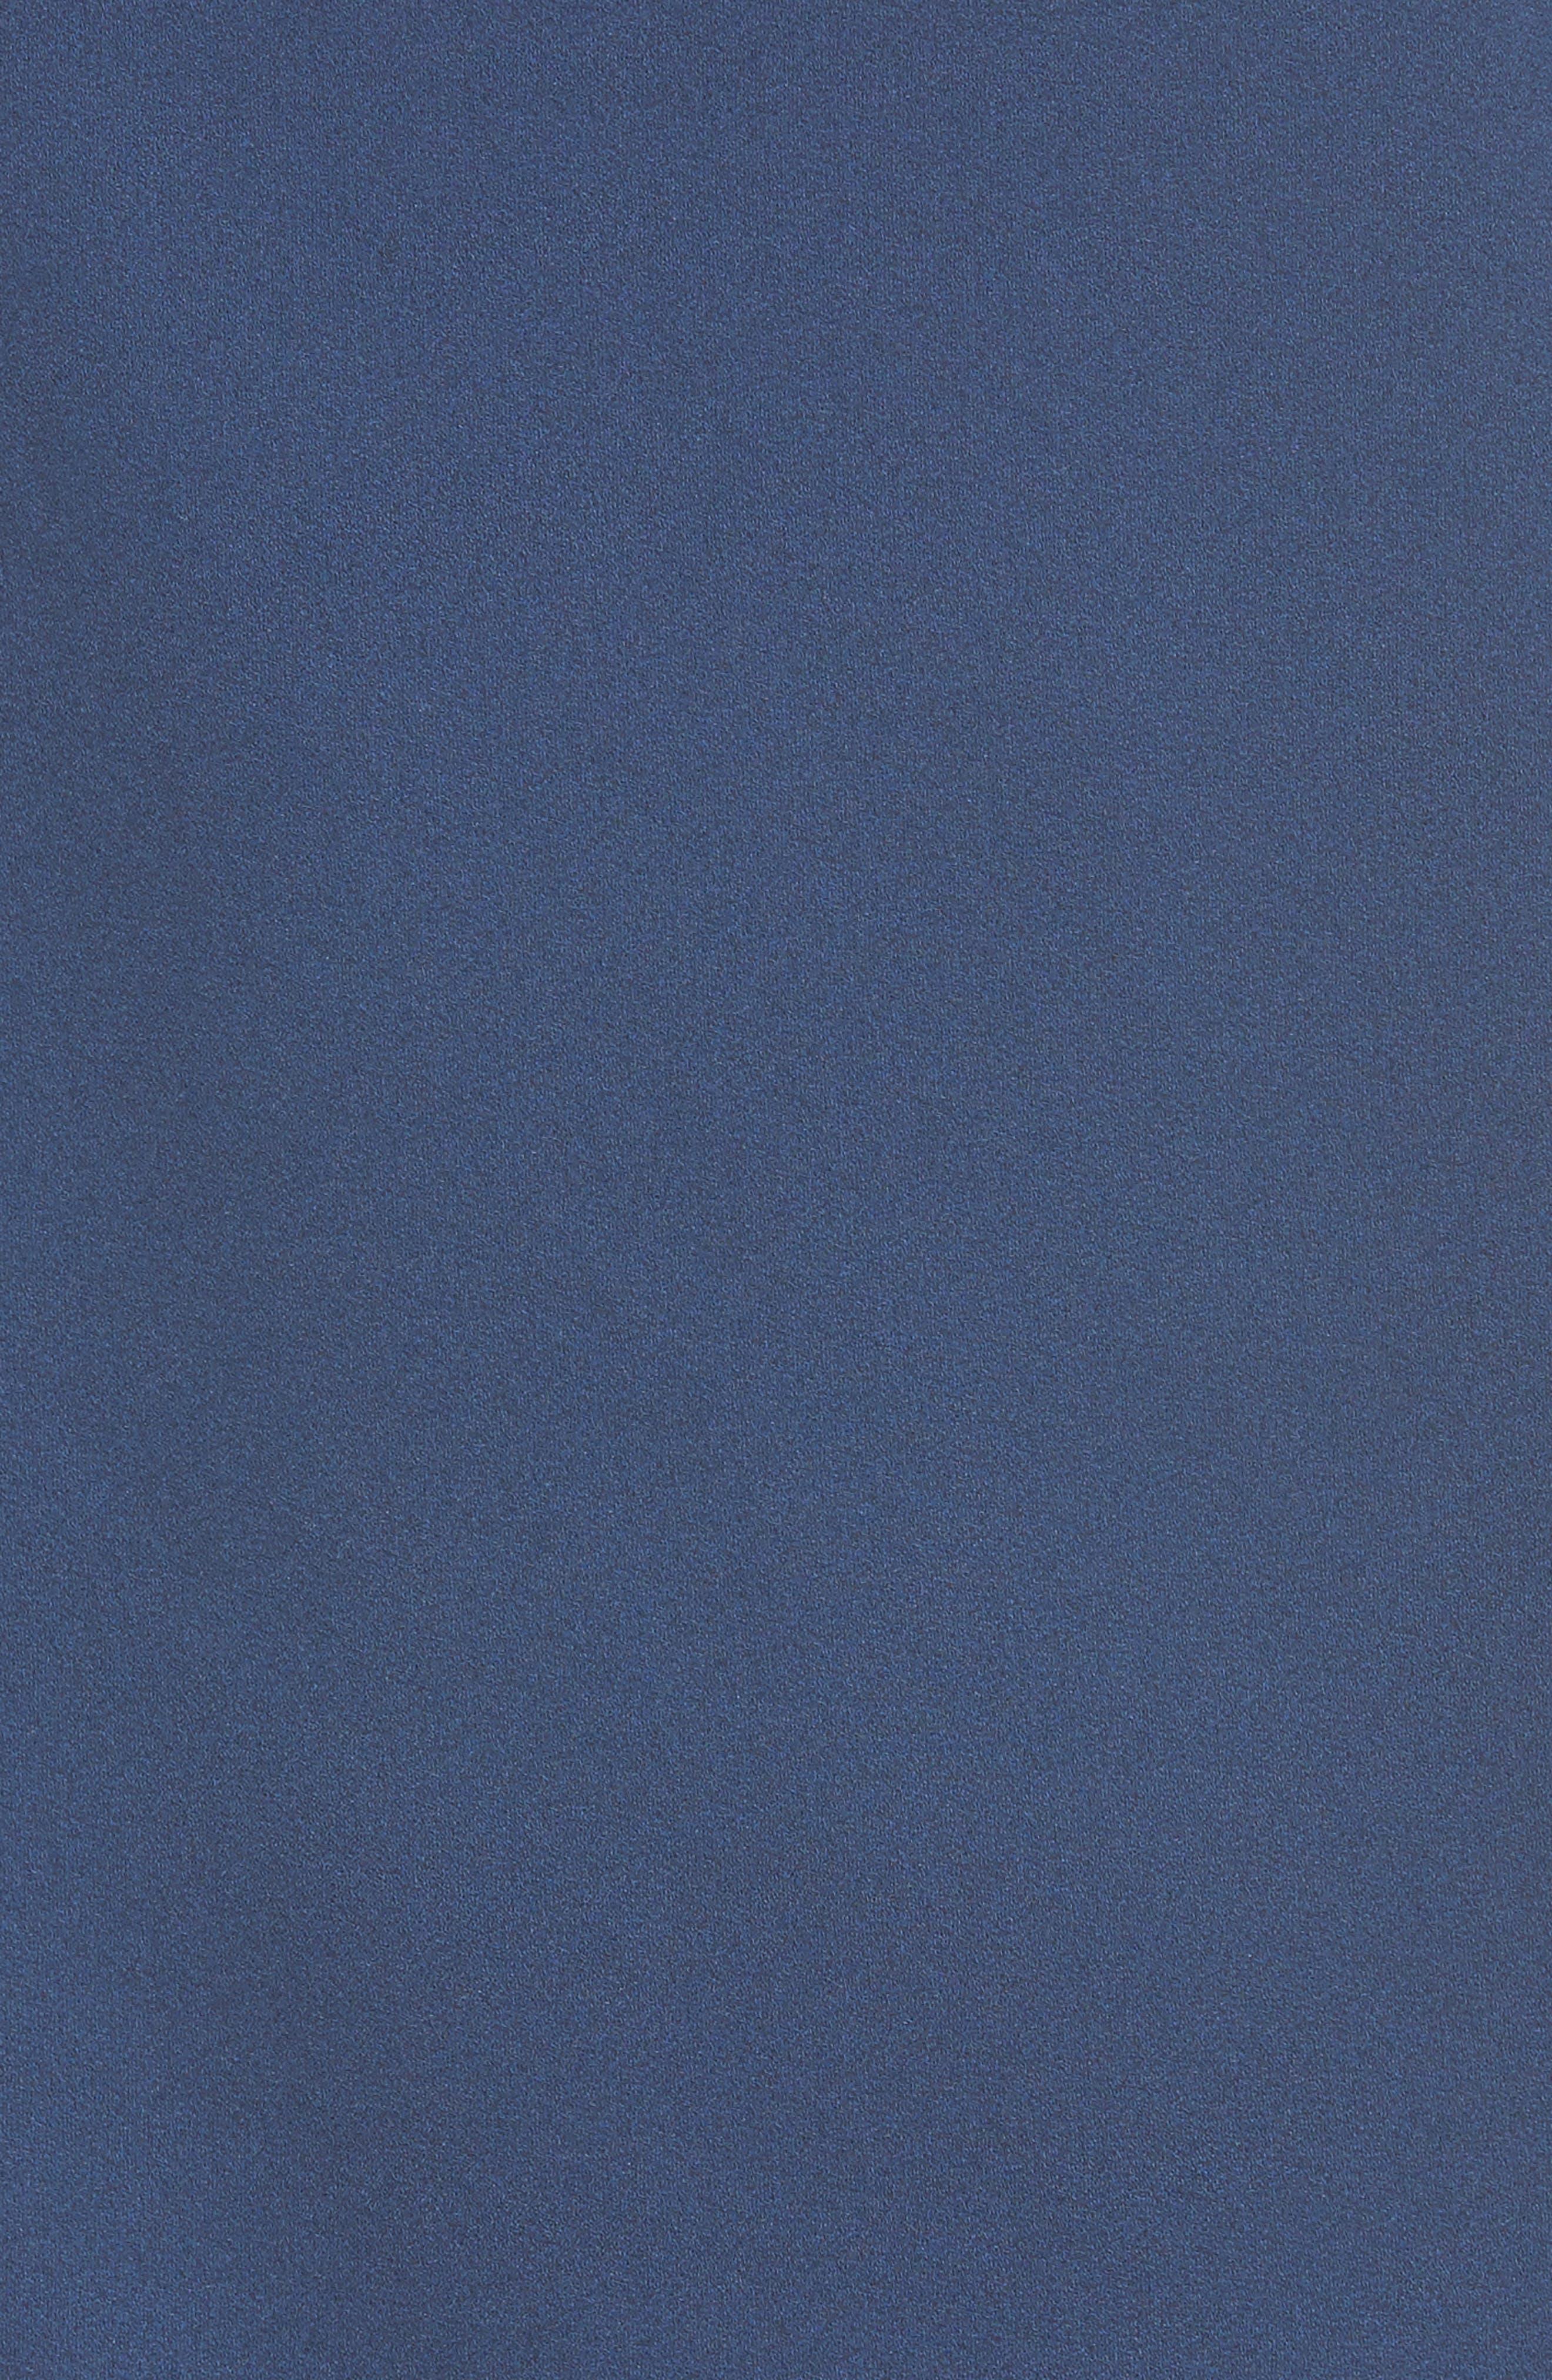 Freja Long Sleeve Blouse,                             Alternate thumbnail 5, color,                             Navy